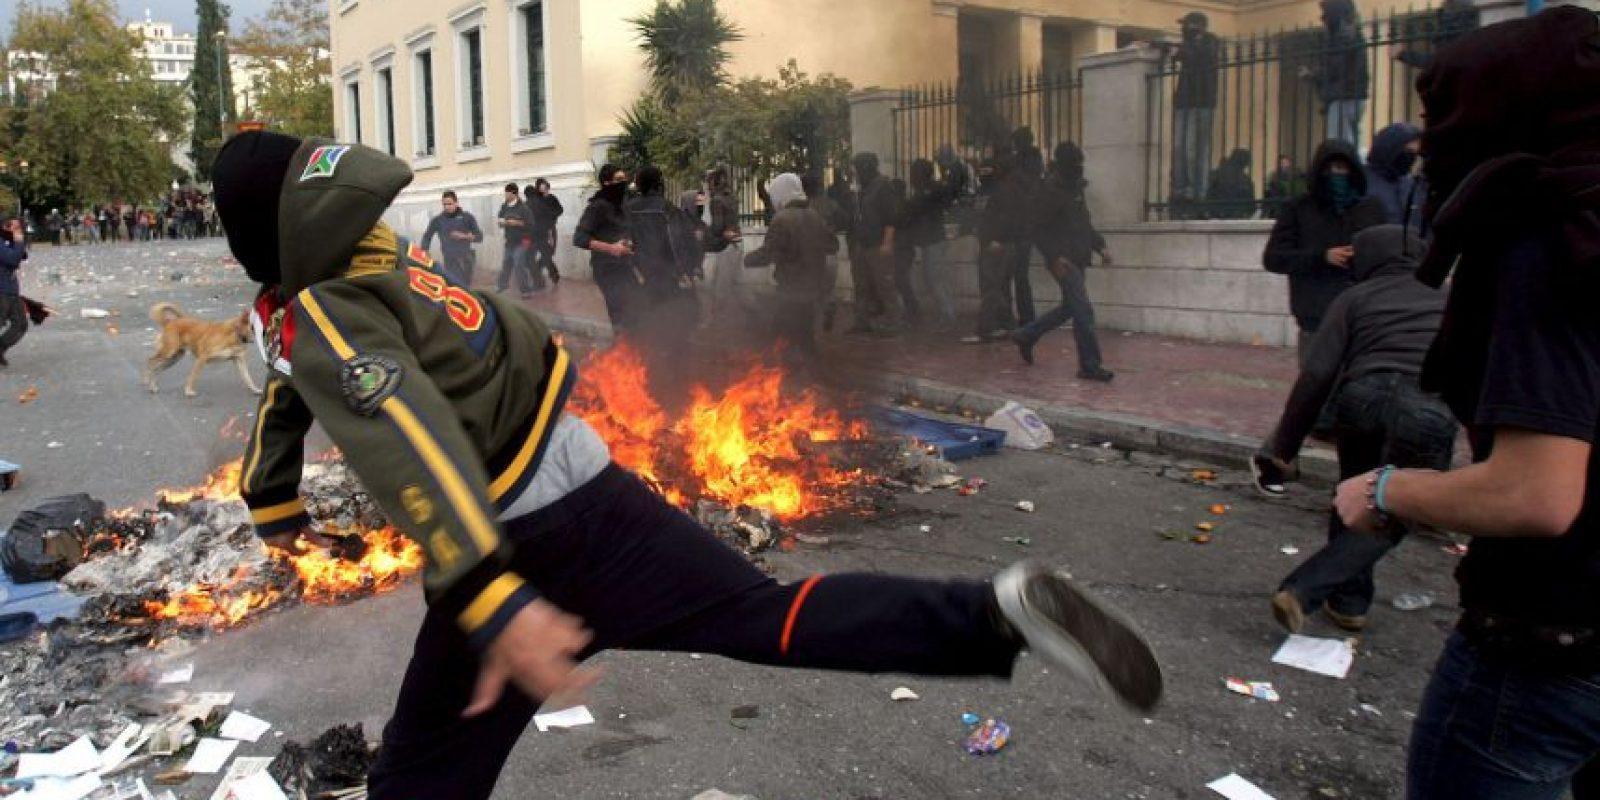 El gobierno socialista de George Papandreu enciende la crisis de la deuda en Europa elevando la previsión de déficit público para 2009 del 6% al 12.7%. Posteriormente aumentaría al 15% Foto:Getty Images